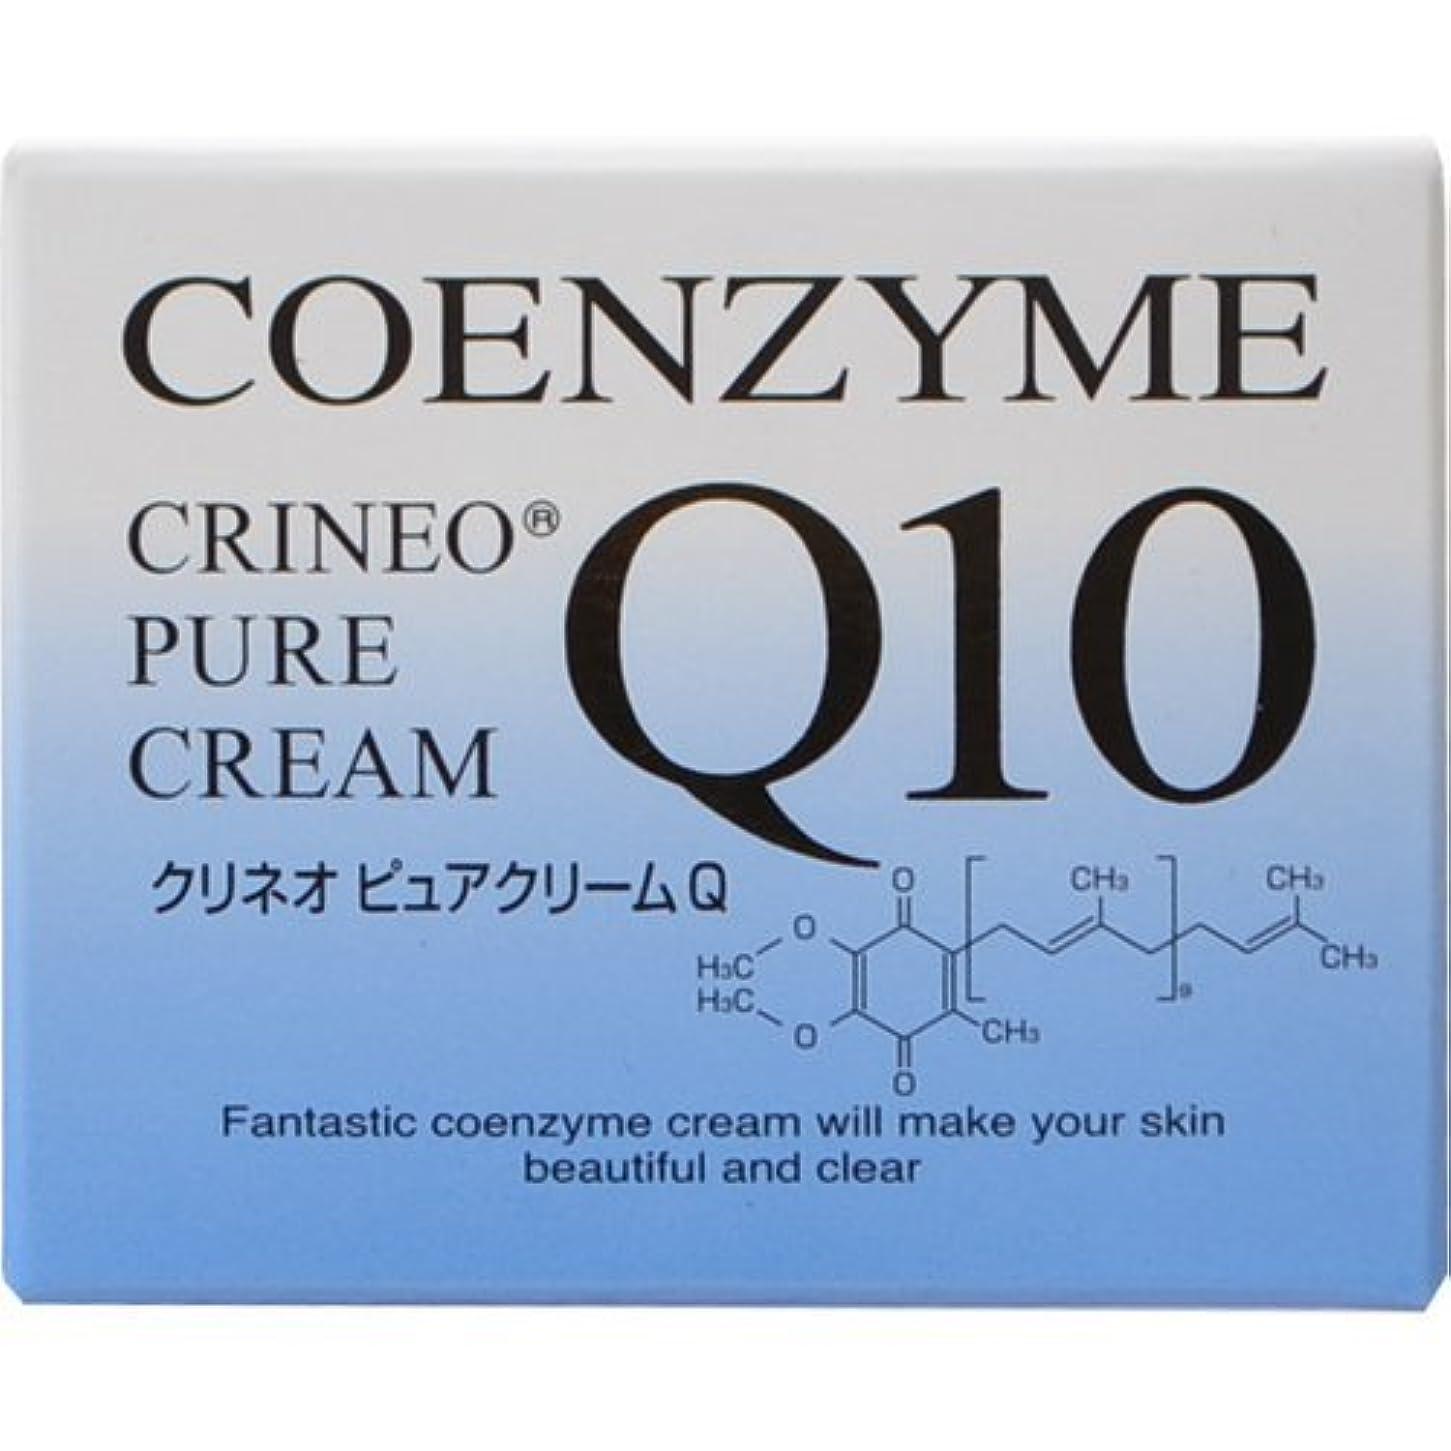 警戒抑圧者要塞クリネオ ピュアクリームQ コエンザイムQ10を配合した浸透型の保湿クリーム